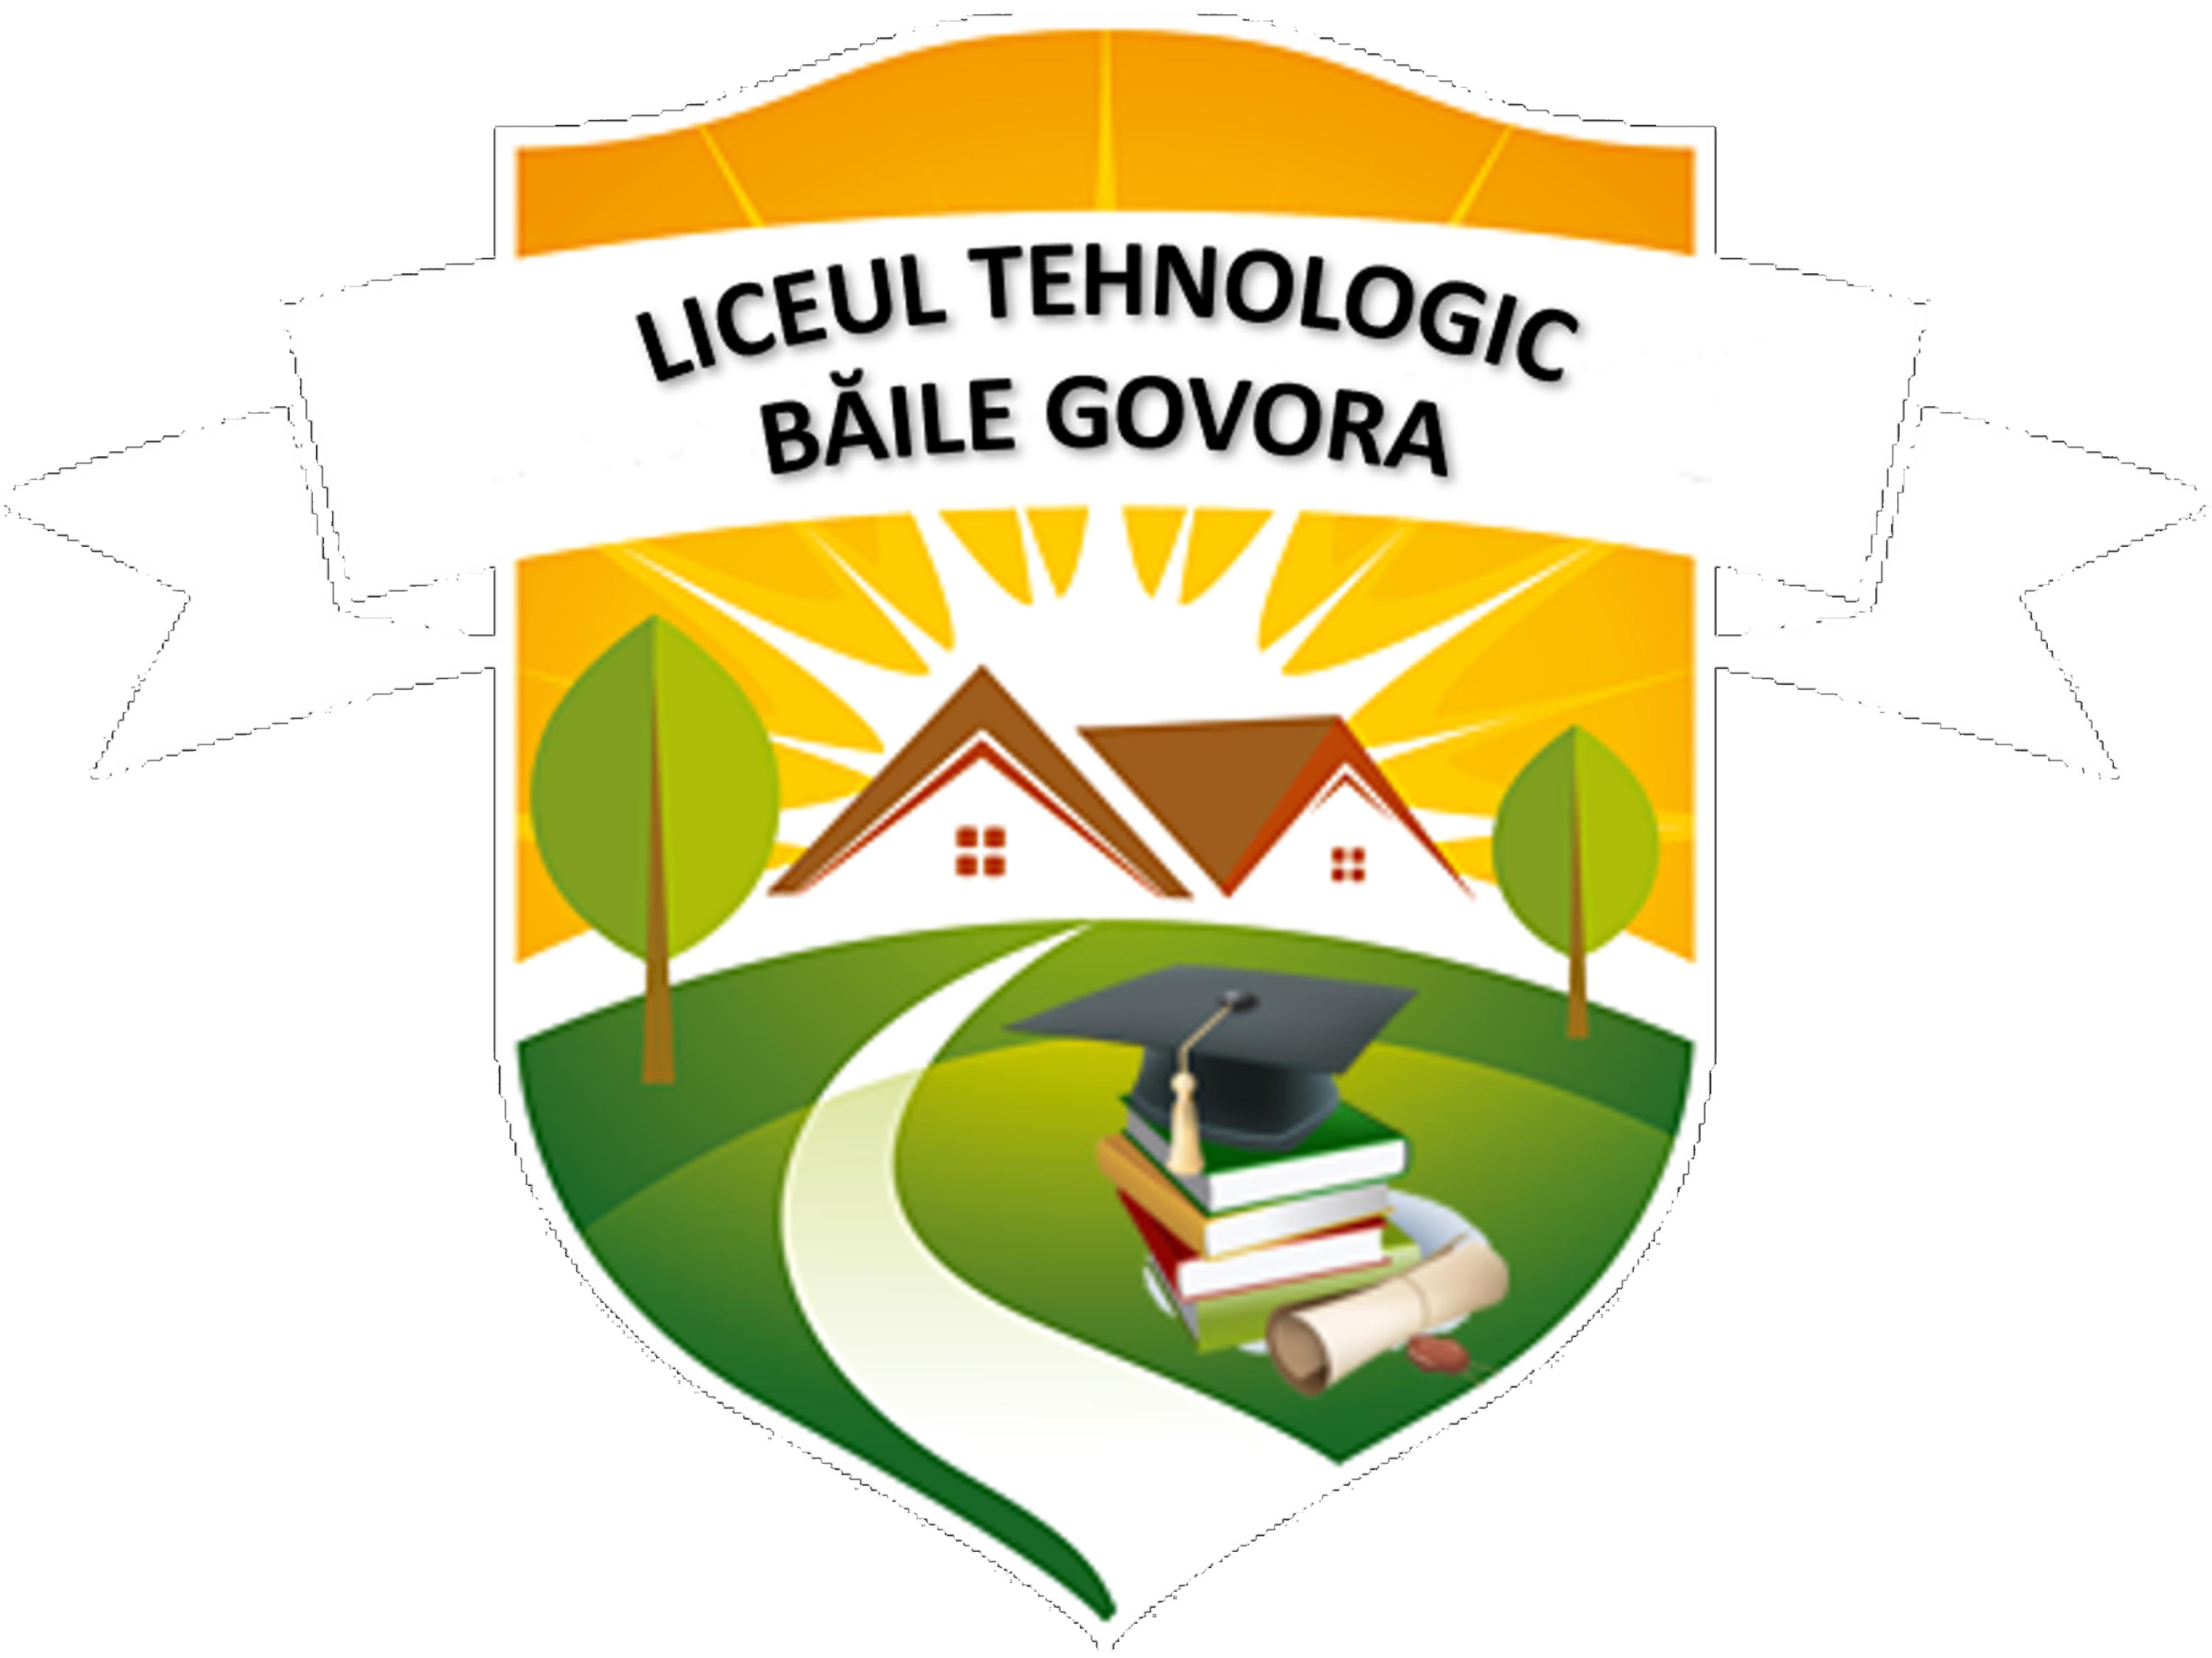 Liceul Tehnologic Băile Govora